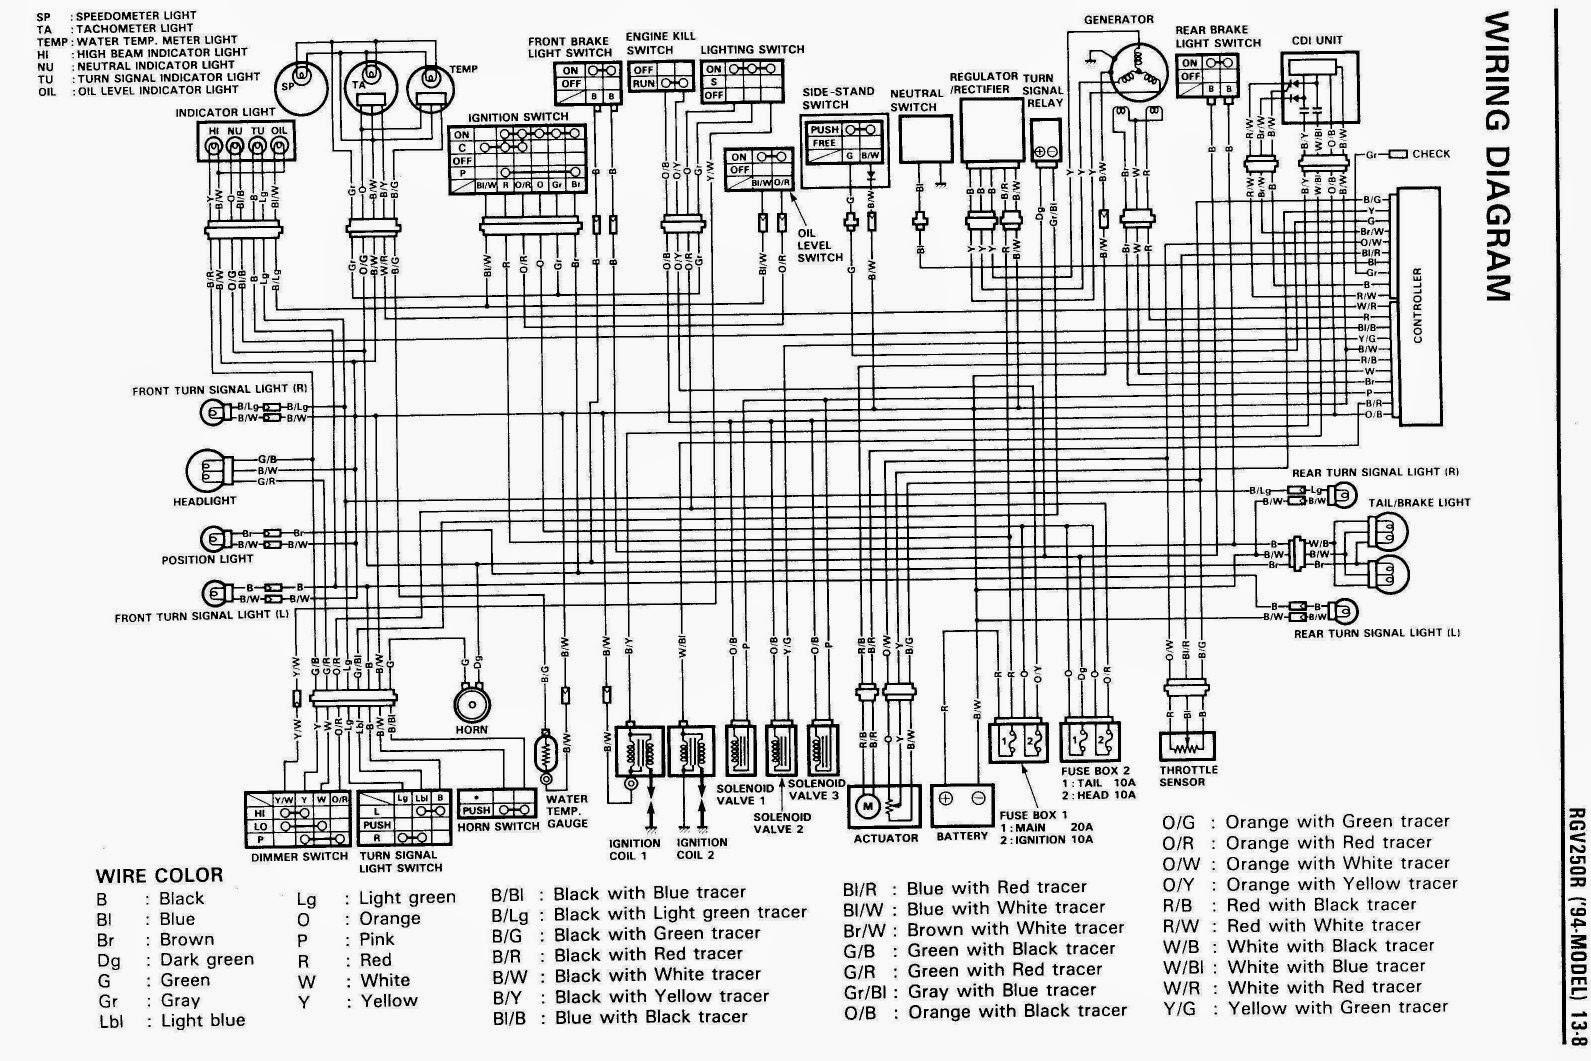 manual suzuki rgv 250 vj22 1995 rebuild log manual [ 1591 x 1061 Pixel ]